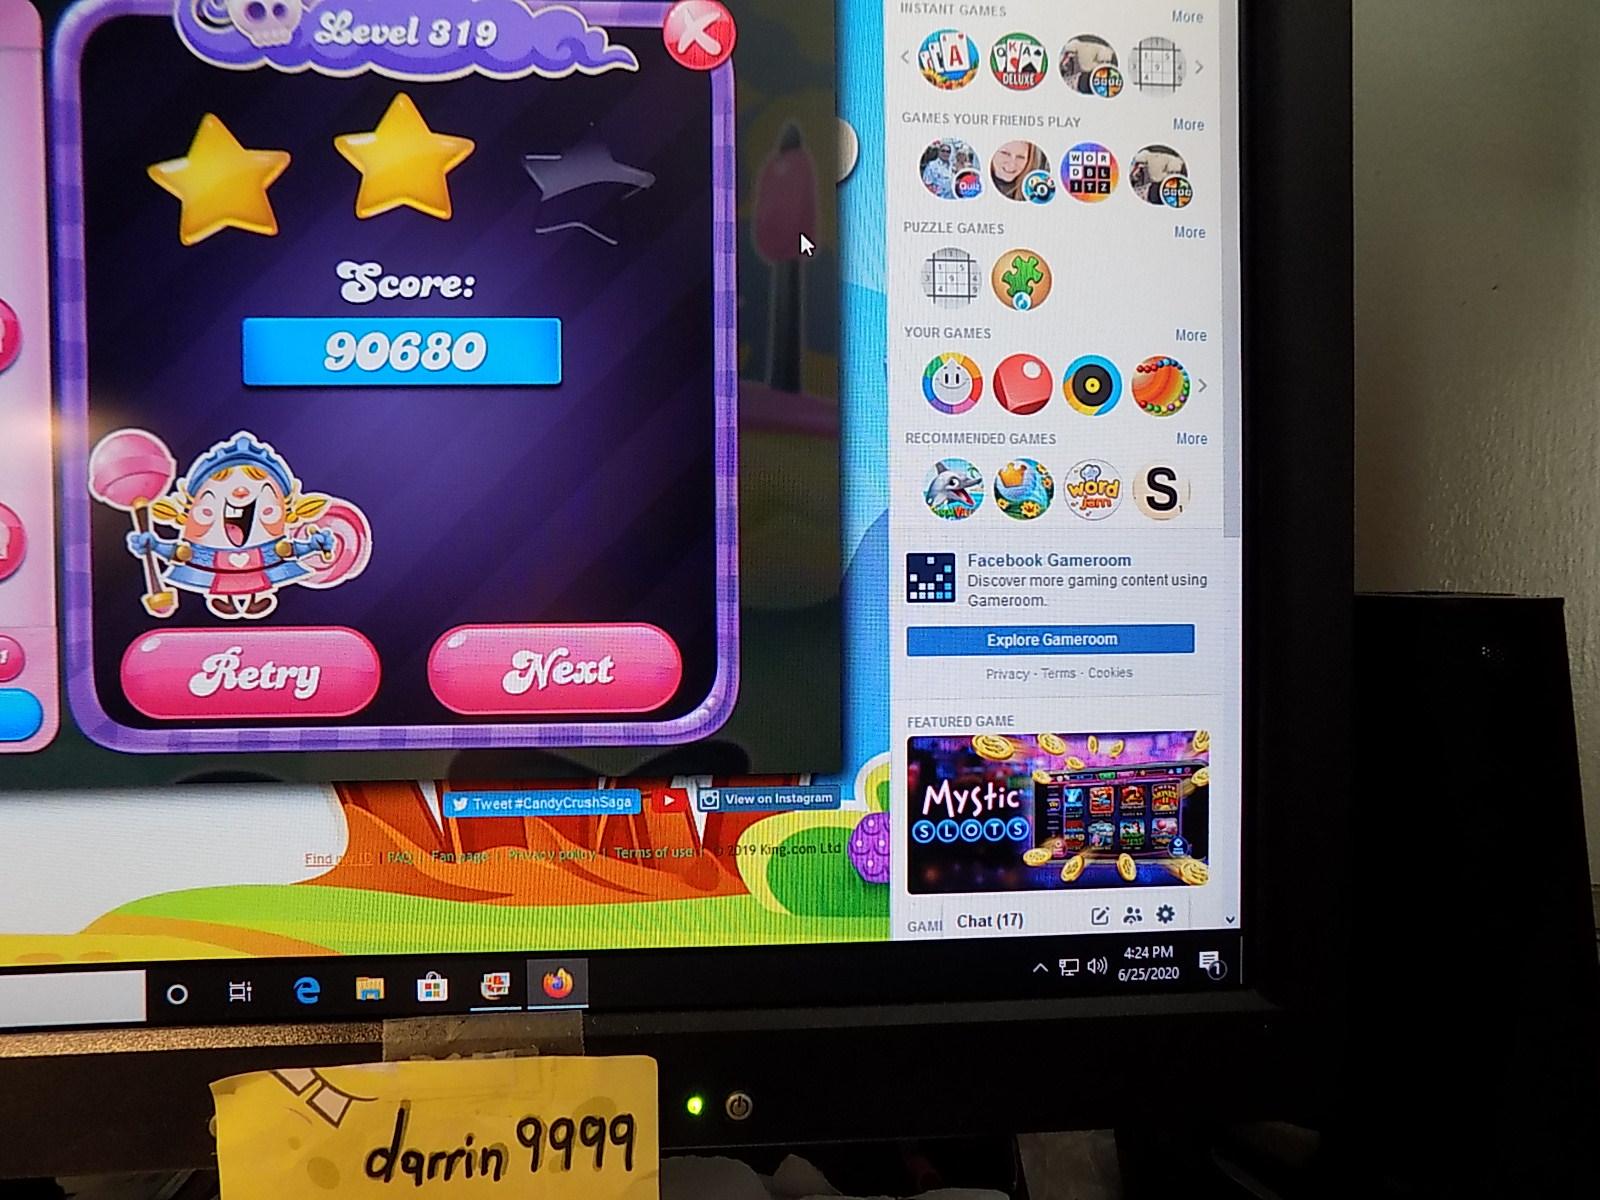 darrin9999: Candy Crush Saga: Level 319 (Web) 90,680 points on 2020-08-02 16:27:49